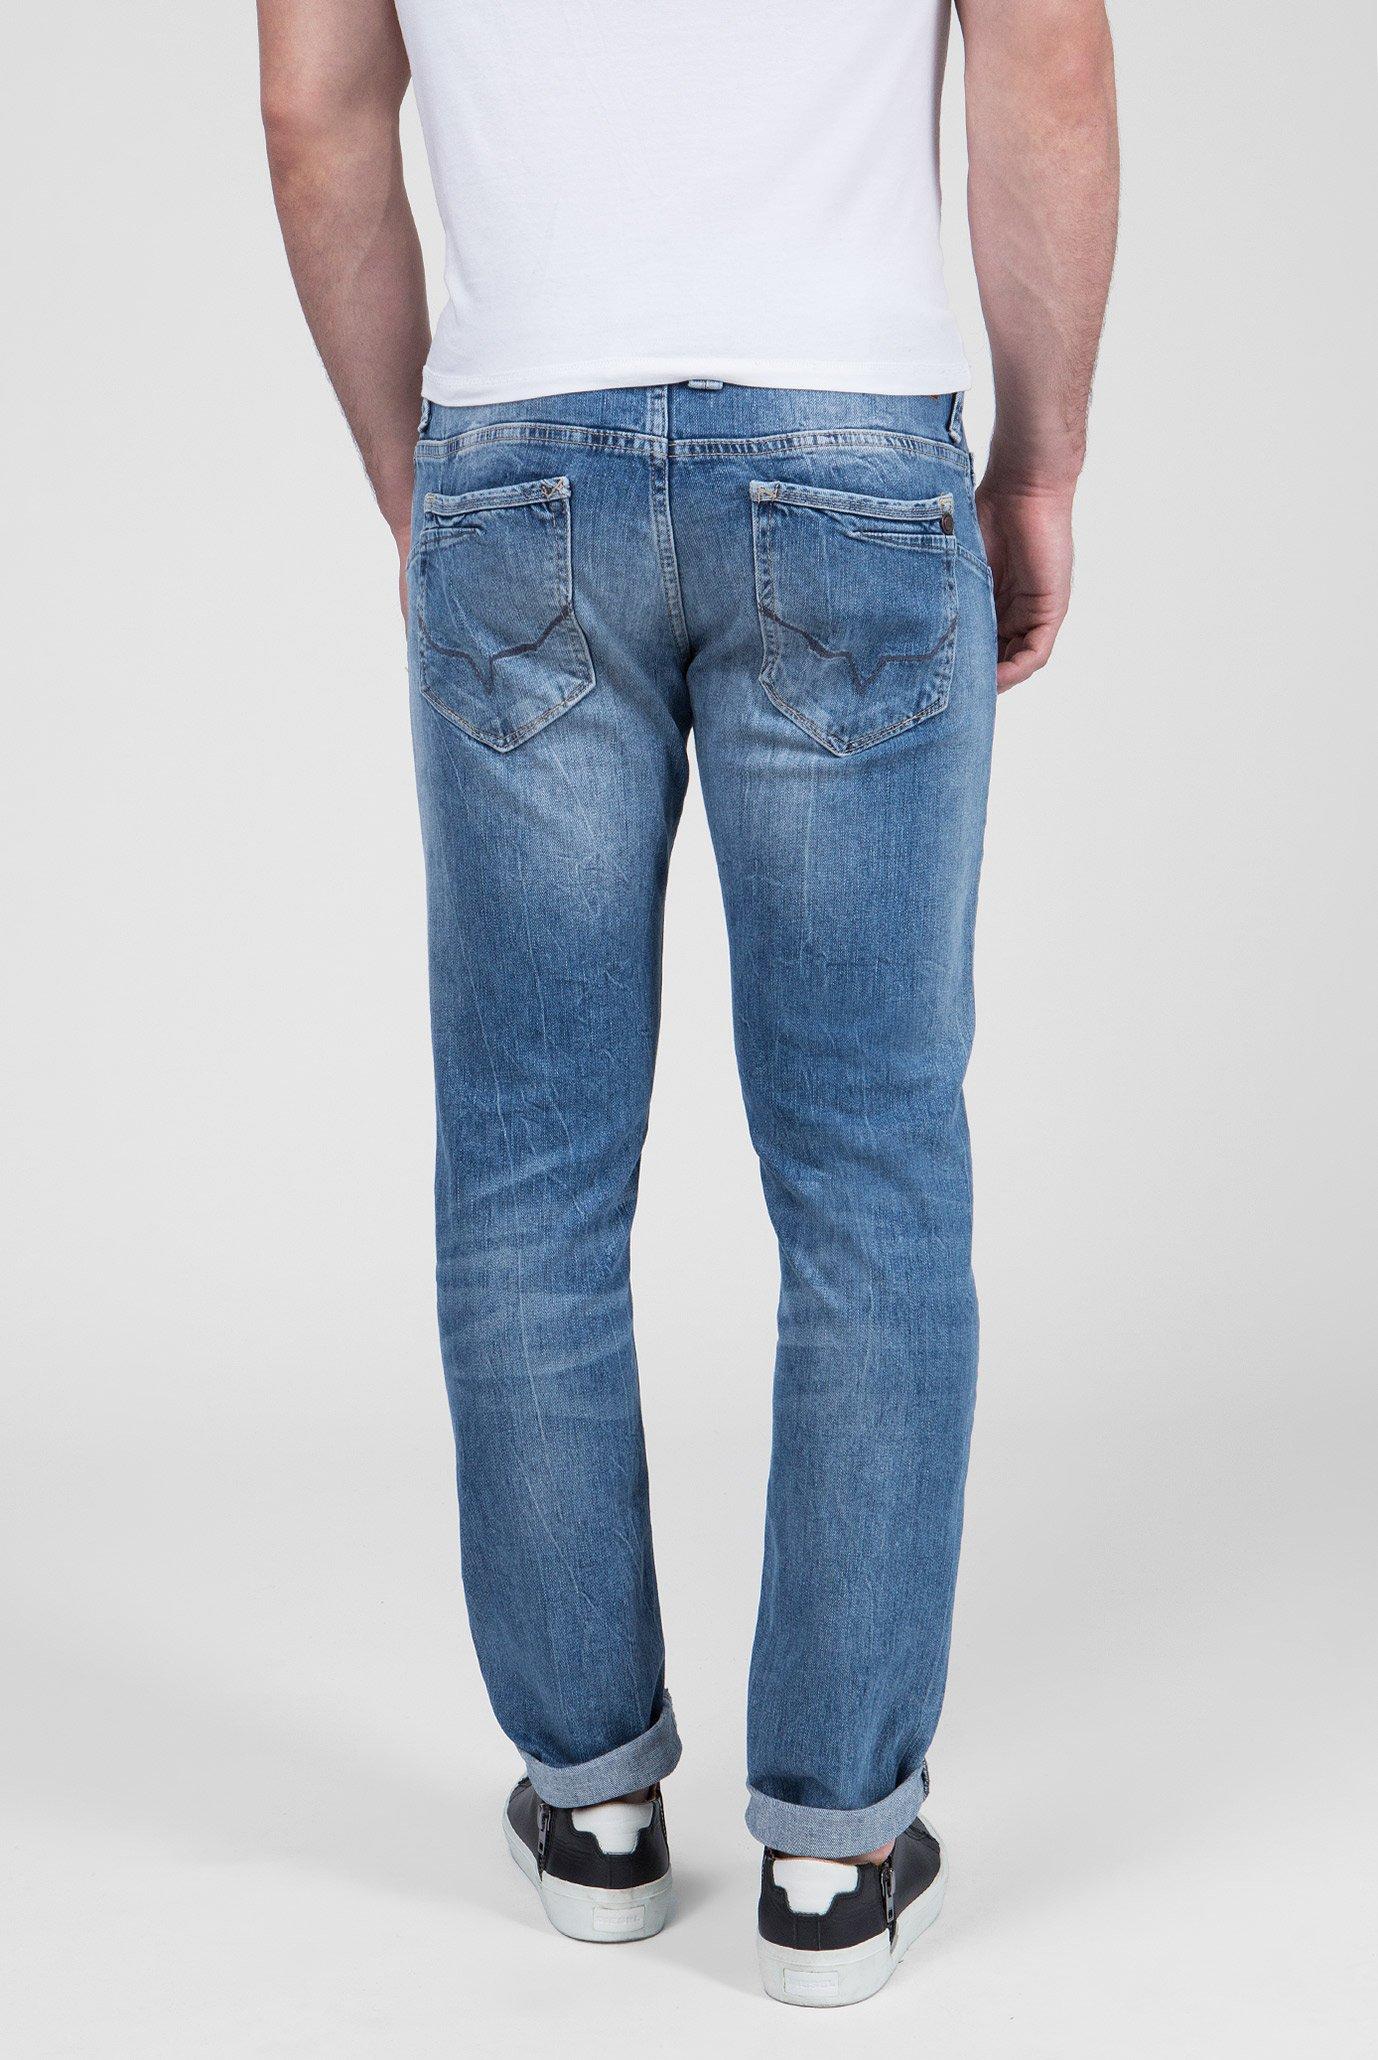 Купить Мужские голубые джинсы ZINC Pepe Jeans Pepe Jeans PM201519GI72 – Киев, Украина. Цены в интернет магазине MD Fashion